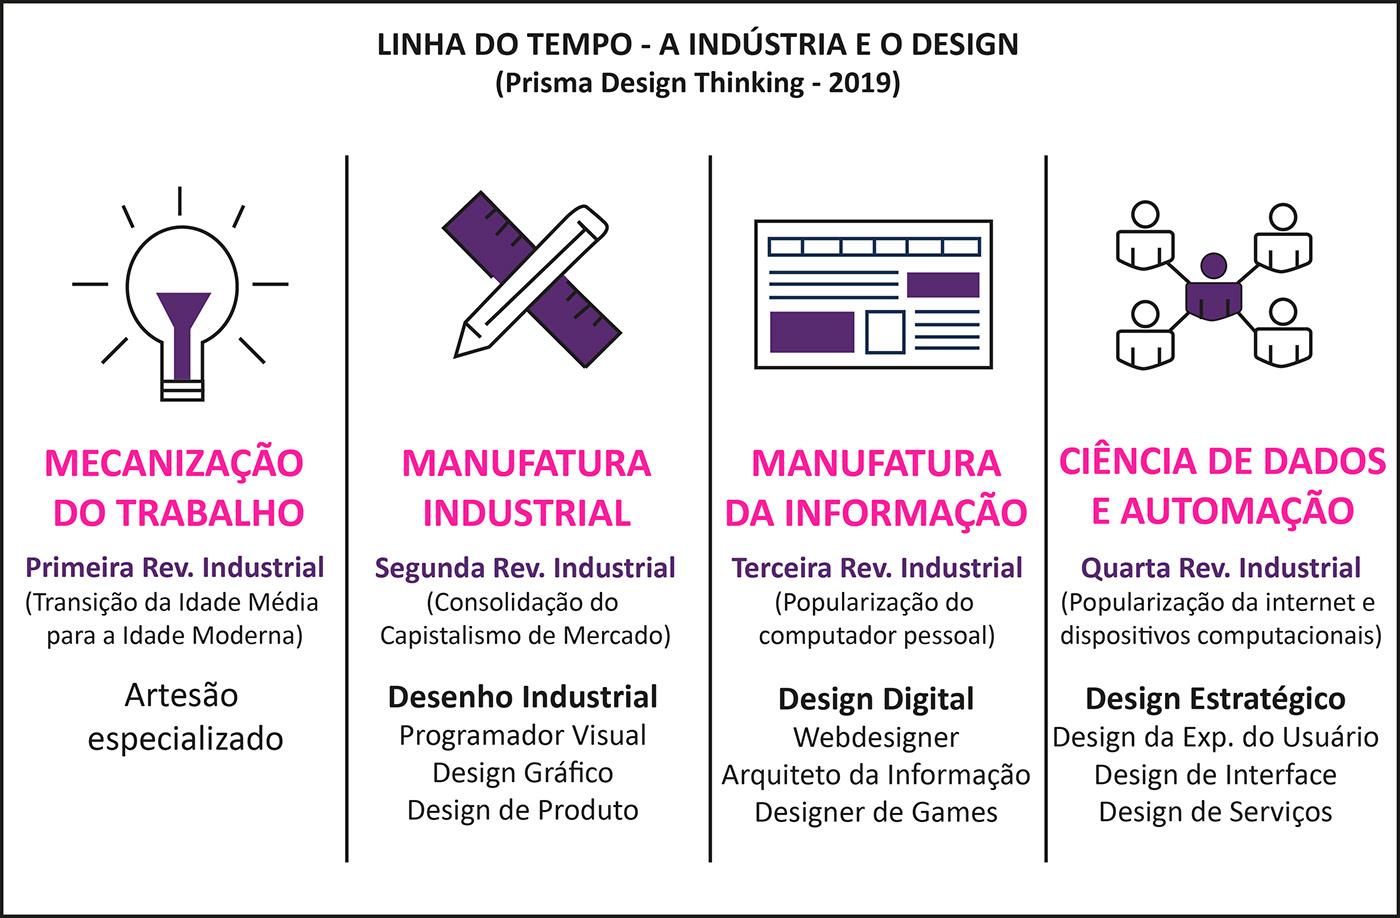 históriadodesign designhistory lineoftimedesign linhadotempododesign